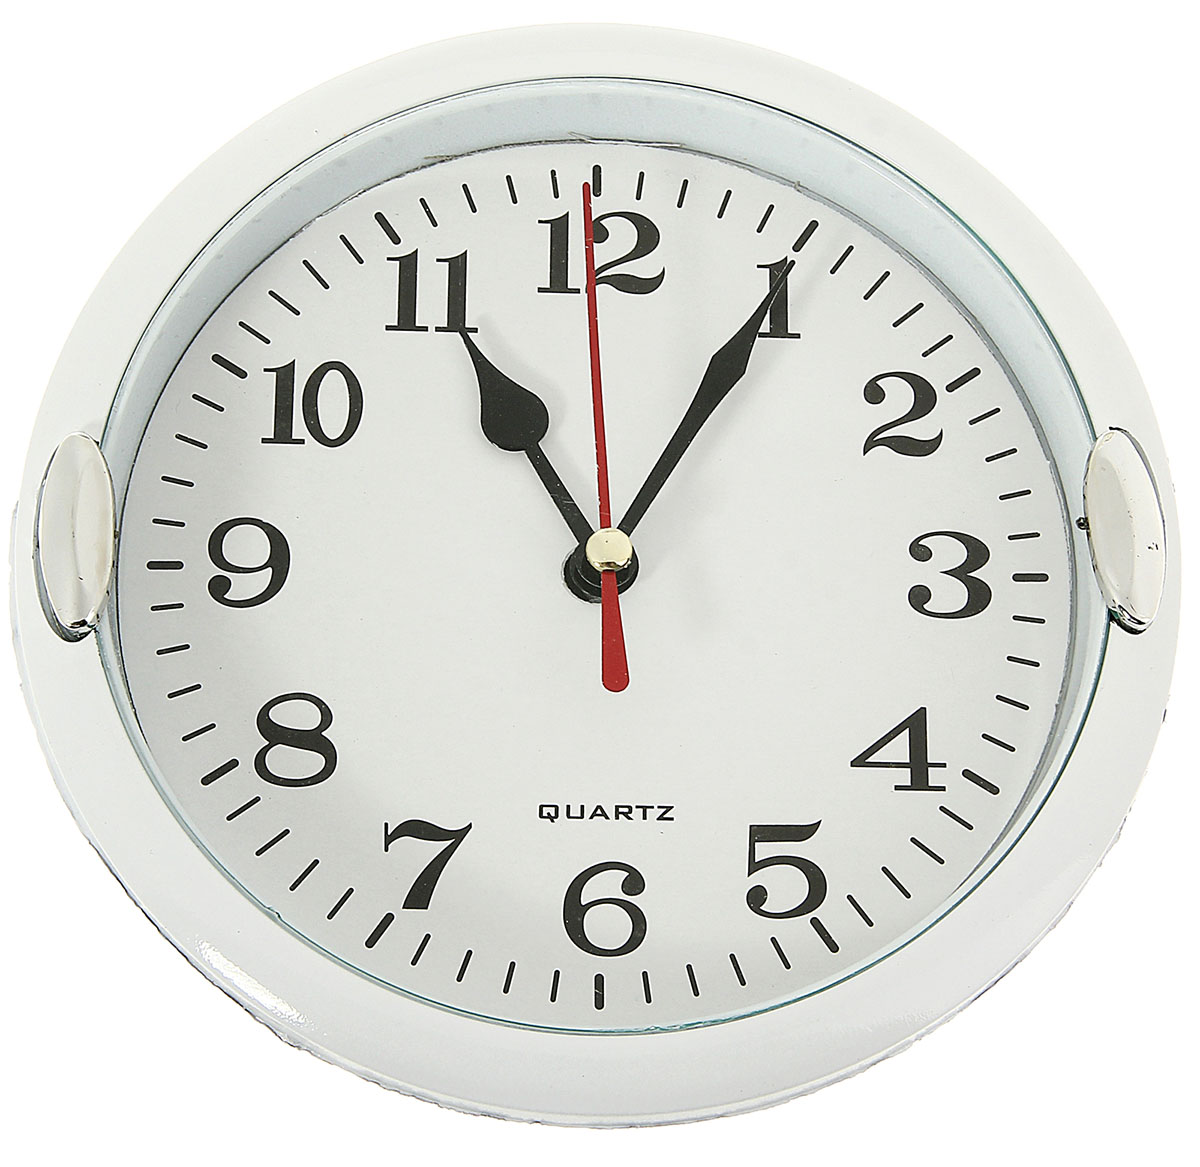 Часы настенные с 2 держателями, цвет: хром, белый, диаметр 15 см настенные часы mikhail moskvin сирена круг 6 2